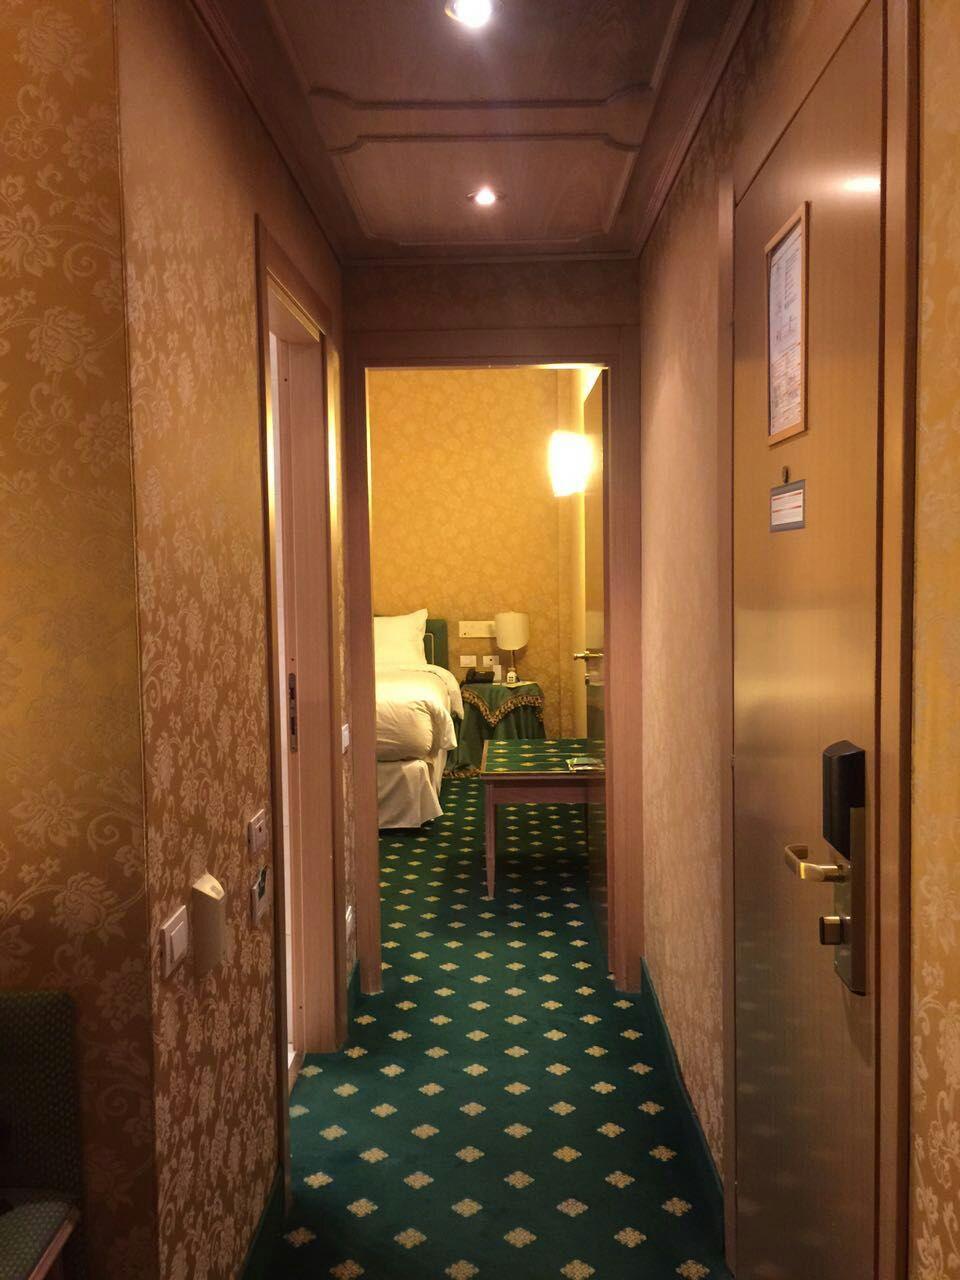 four-points-sheraton-room